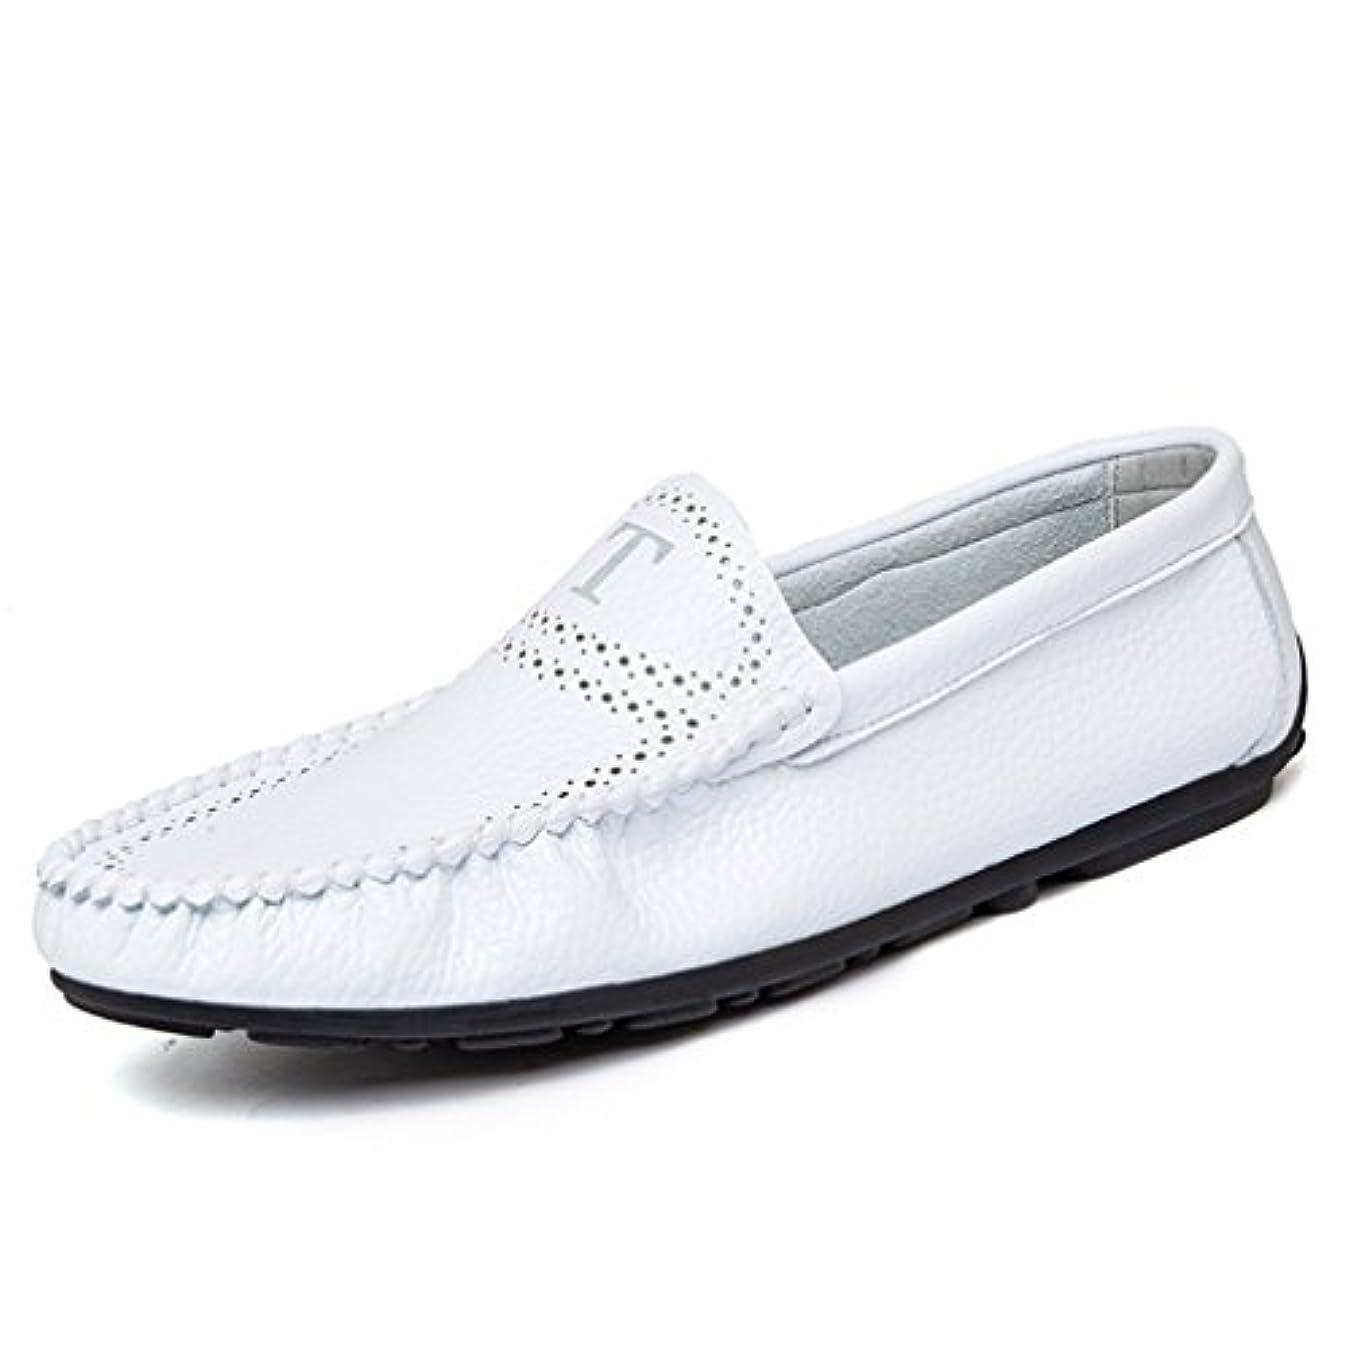 直接マイクロ日帰り旅行に[OM]メンズ 牛革 ドライビングシューズ 軽量 スリッポンシューズ クラシック 職場用 モカシン ビジネスシューズ 靴 レザー 本革 柔らかい ローファー コンフォート 革靴 四季の靴 快適 履きやすい